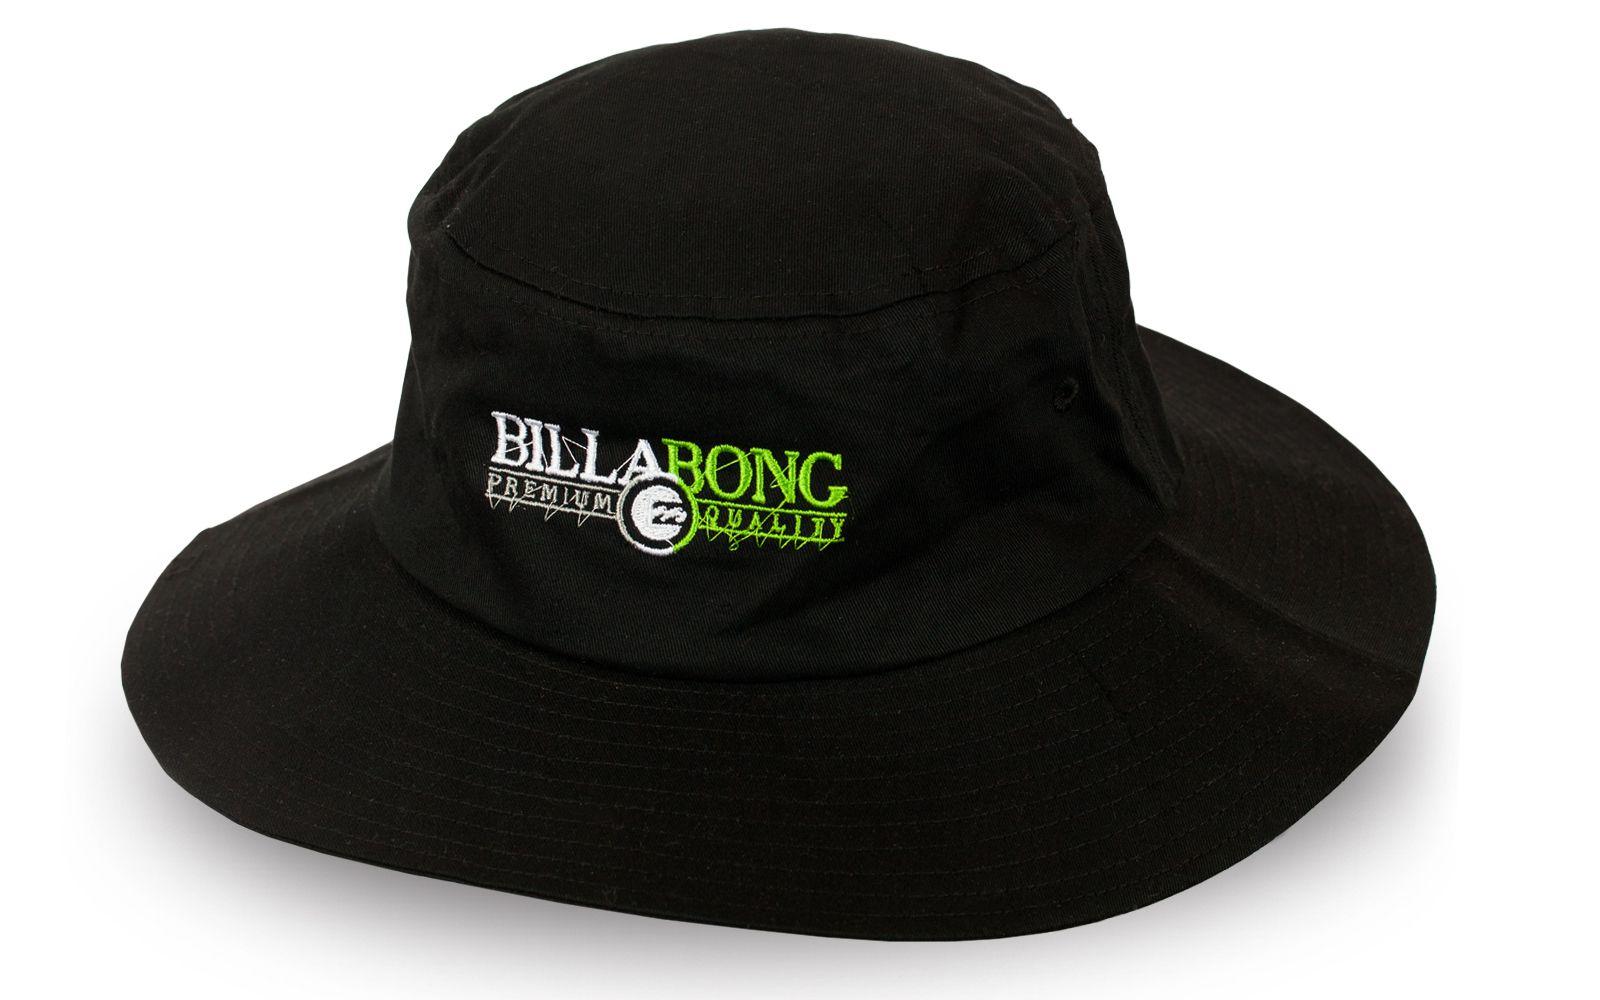 Шляпа Billabong для настоящего мачо - купить по лучшей цене